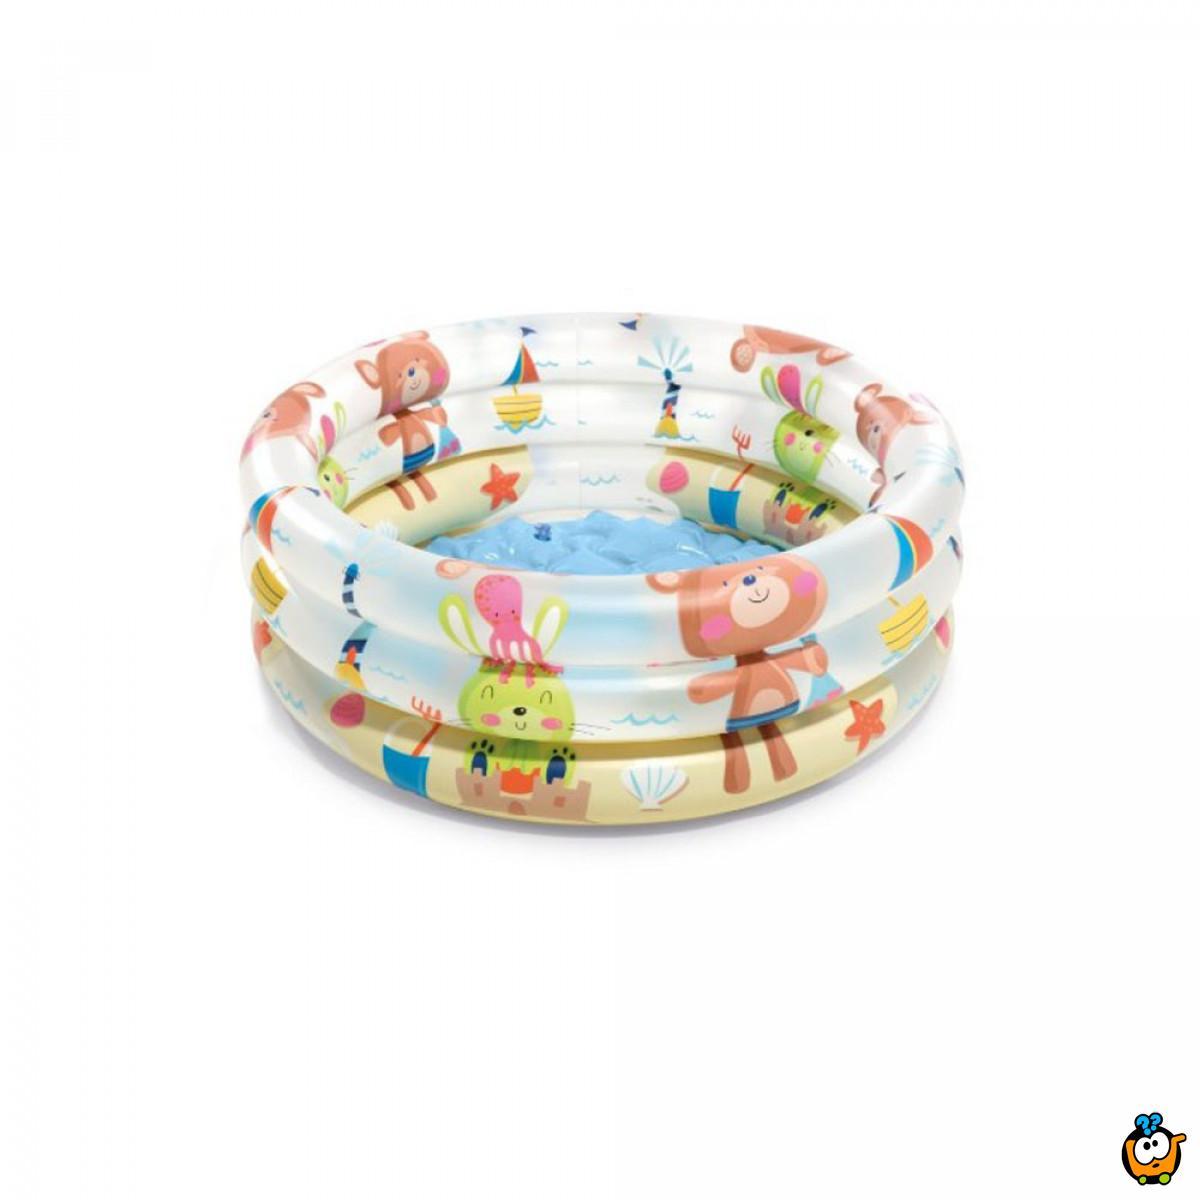 INTEX 57106NP/EP 3-Ring baby pool - Bebi bazen, mede i družina